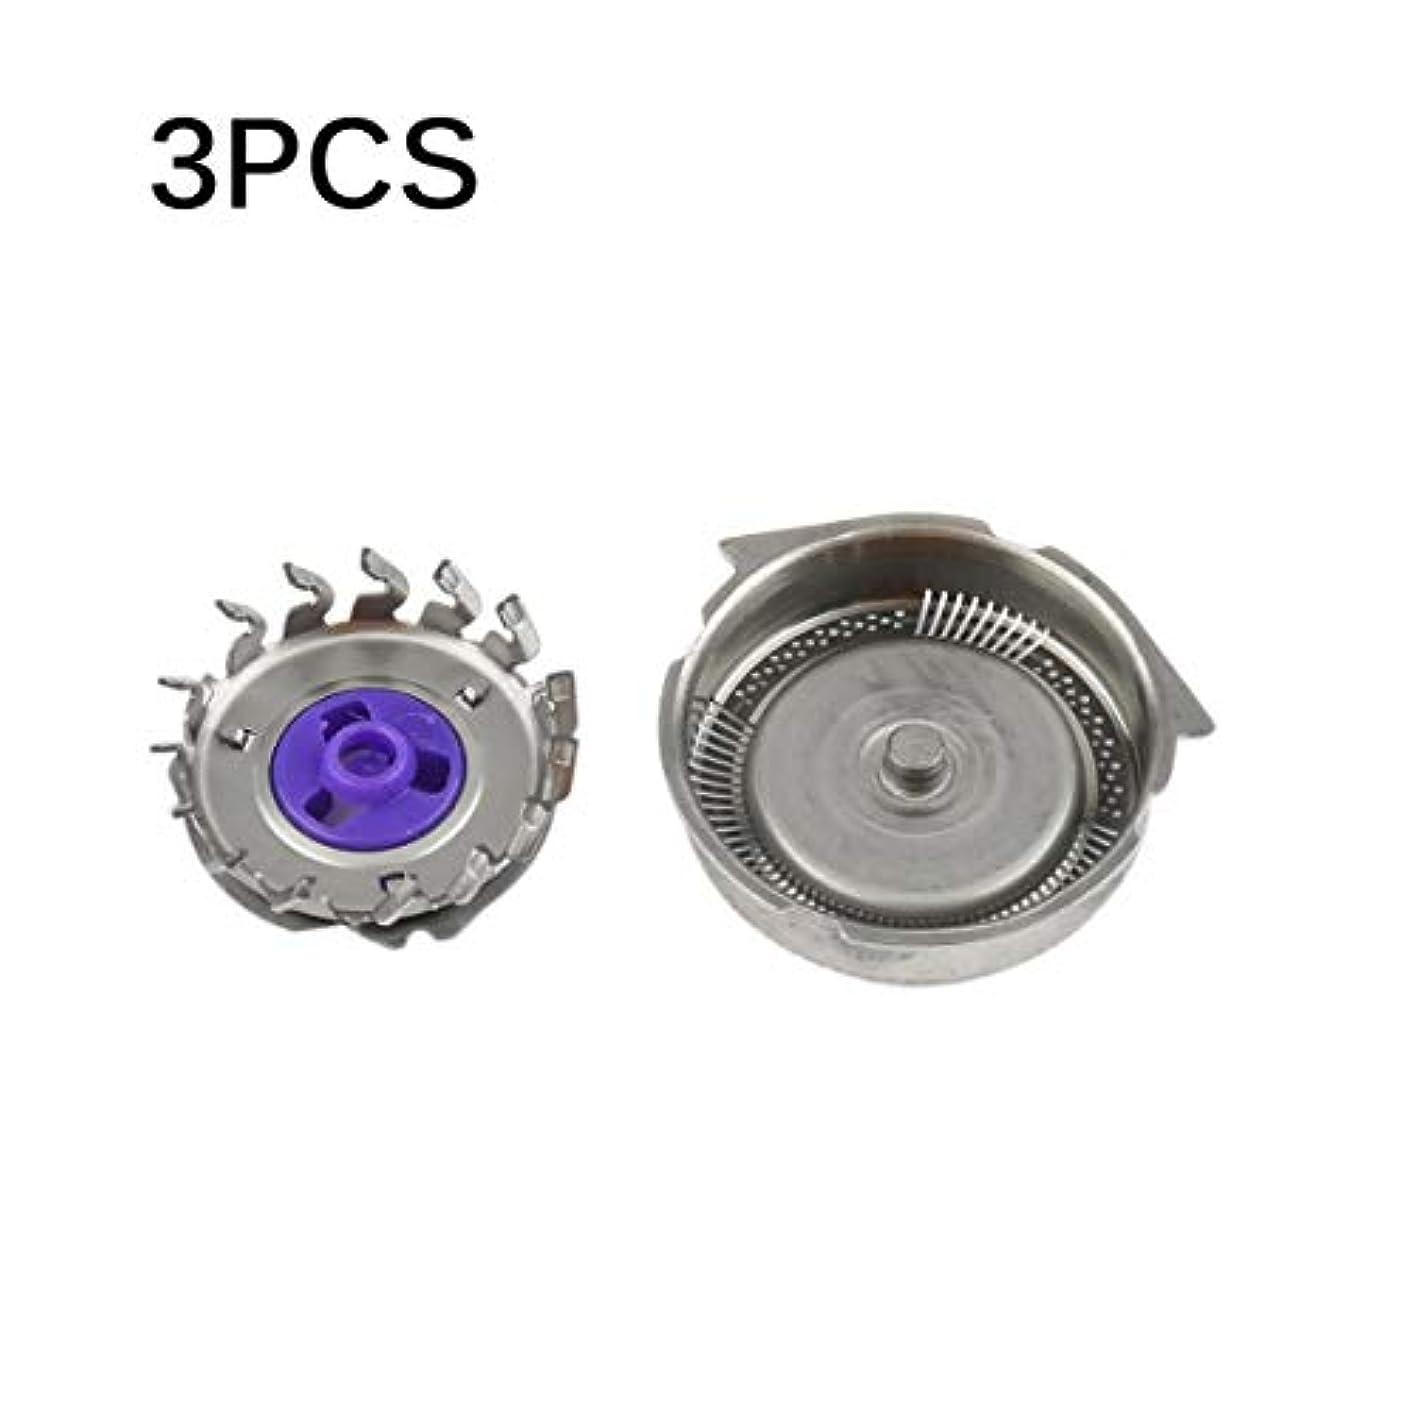 活性化するブラウンドロップPhilips Norelcoカミソリに最適なIntercorey 3PCS / SET交換用シェーバーヘッドブレード